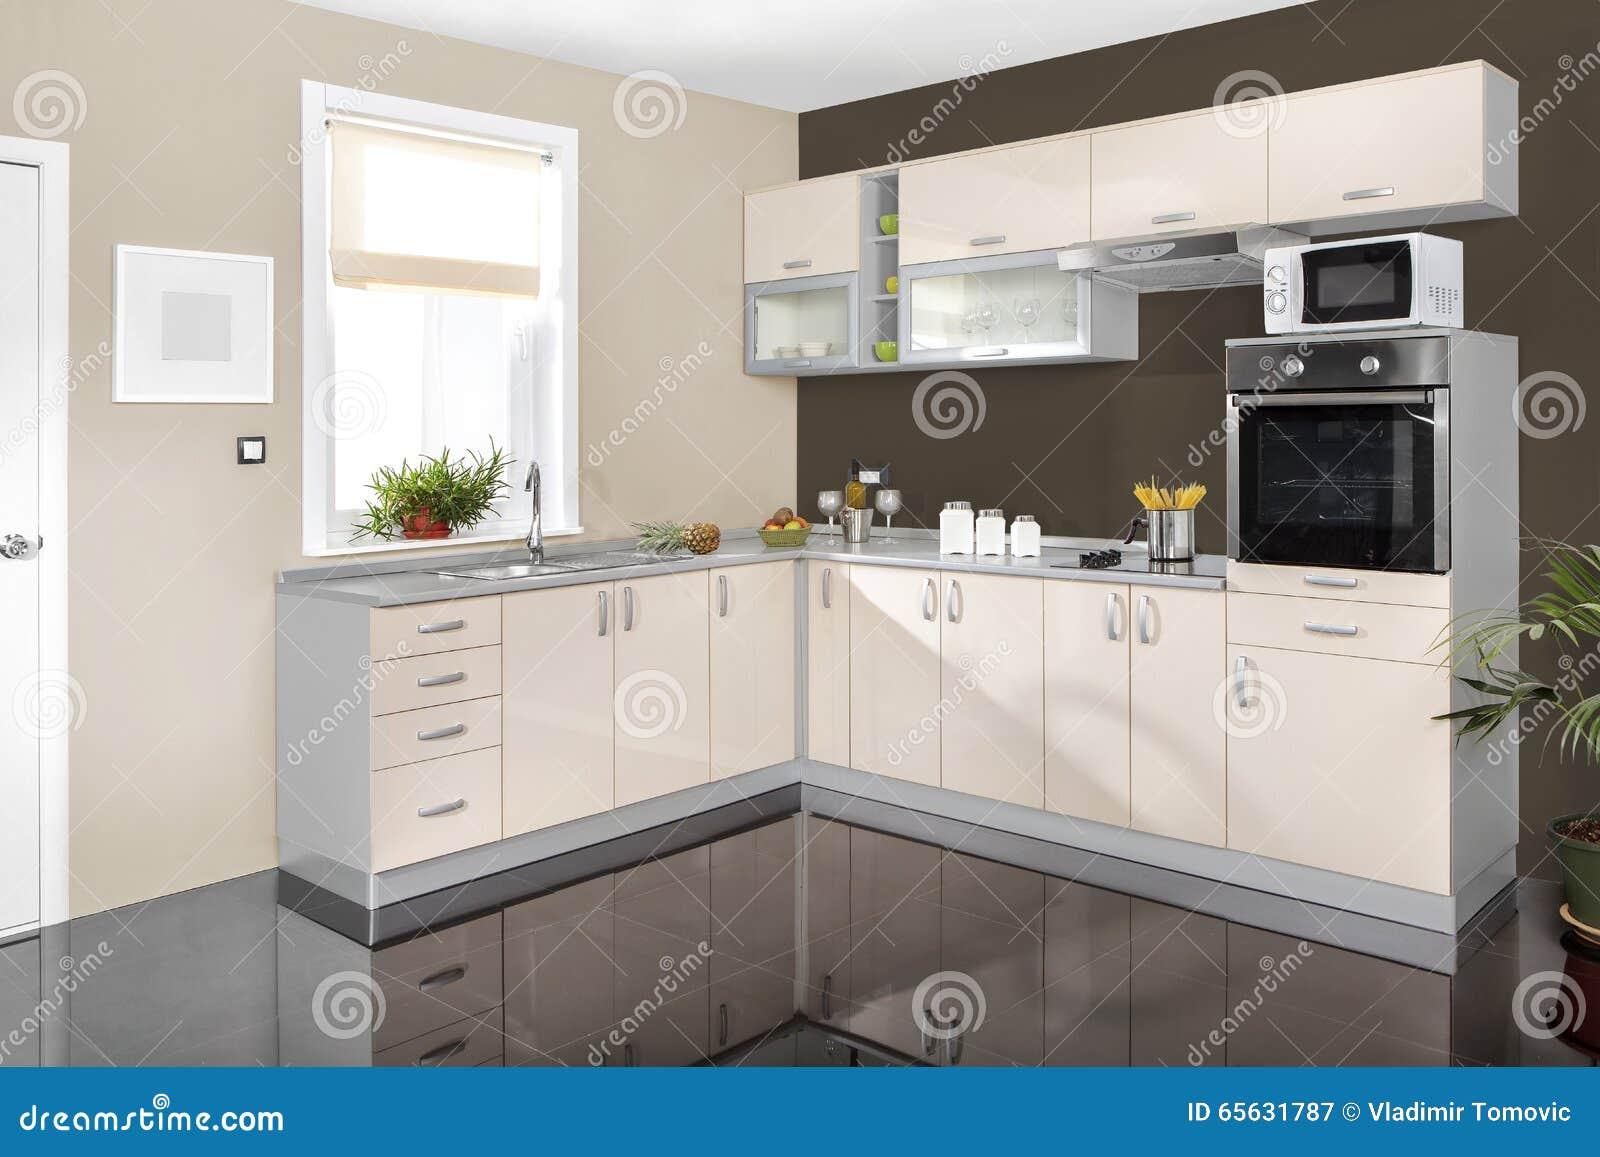 Idee Chambre D Adolescent :   Intérieur d une cuisine moderne, meubles en bois, simple et propre